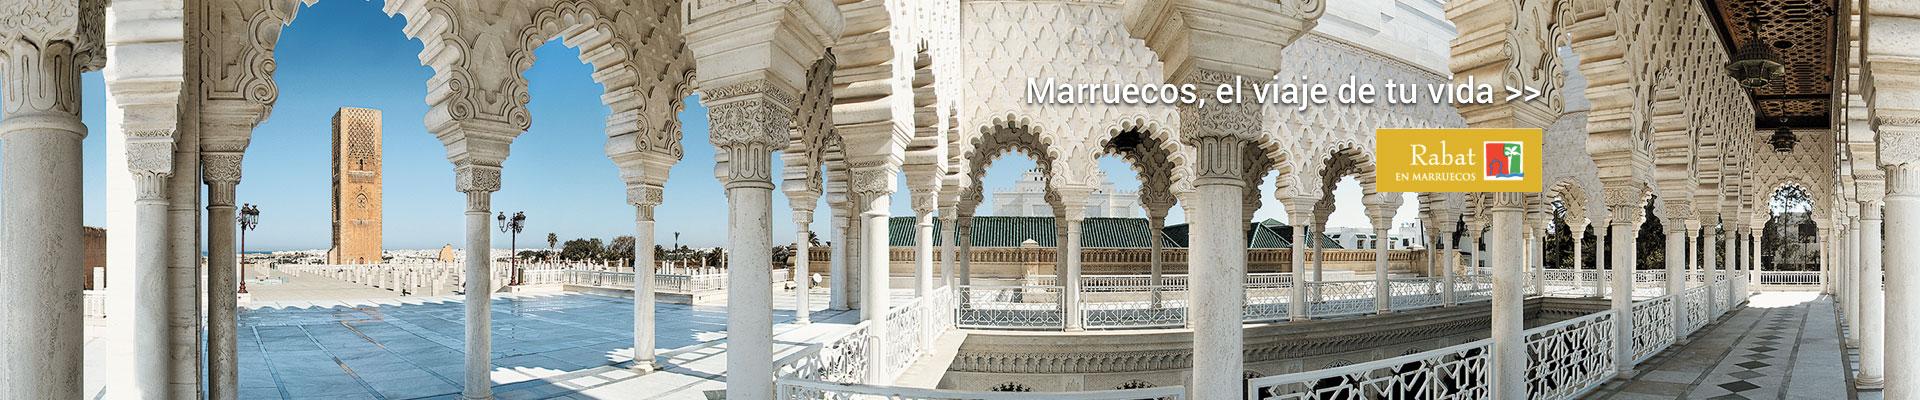 Marruecos, el viaje de tu vida